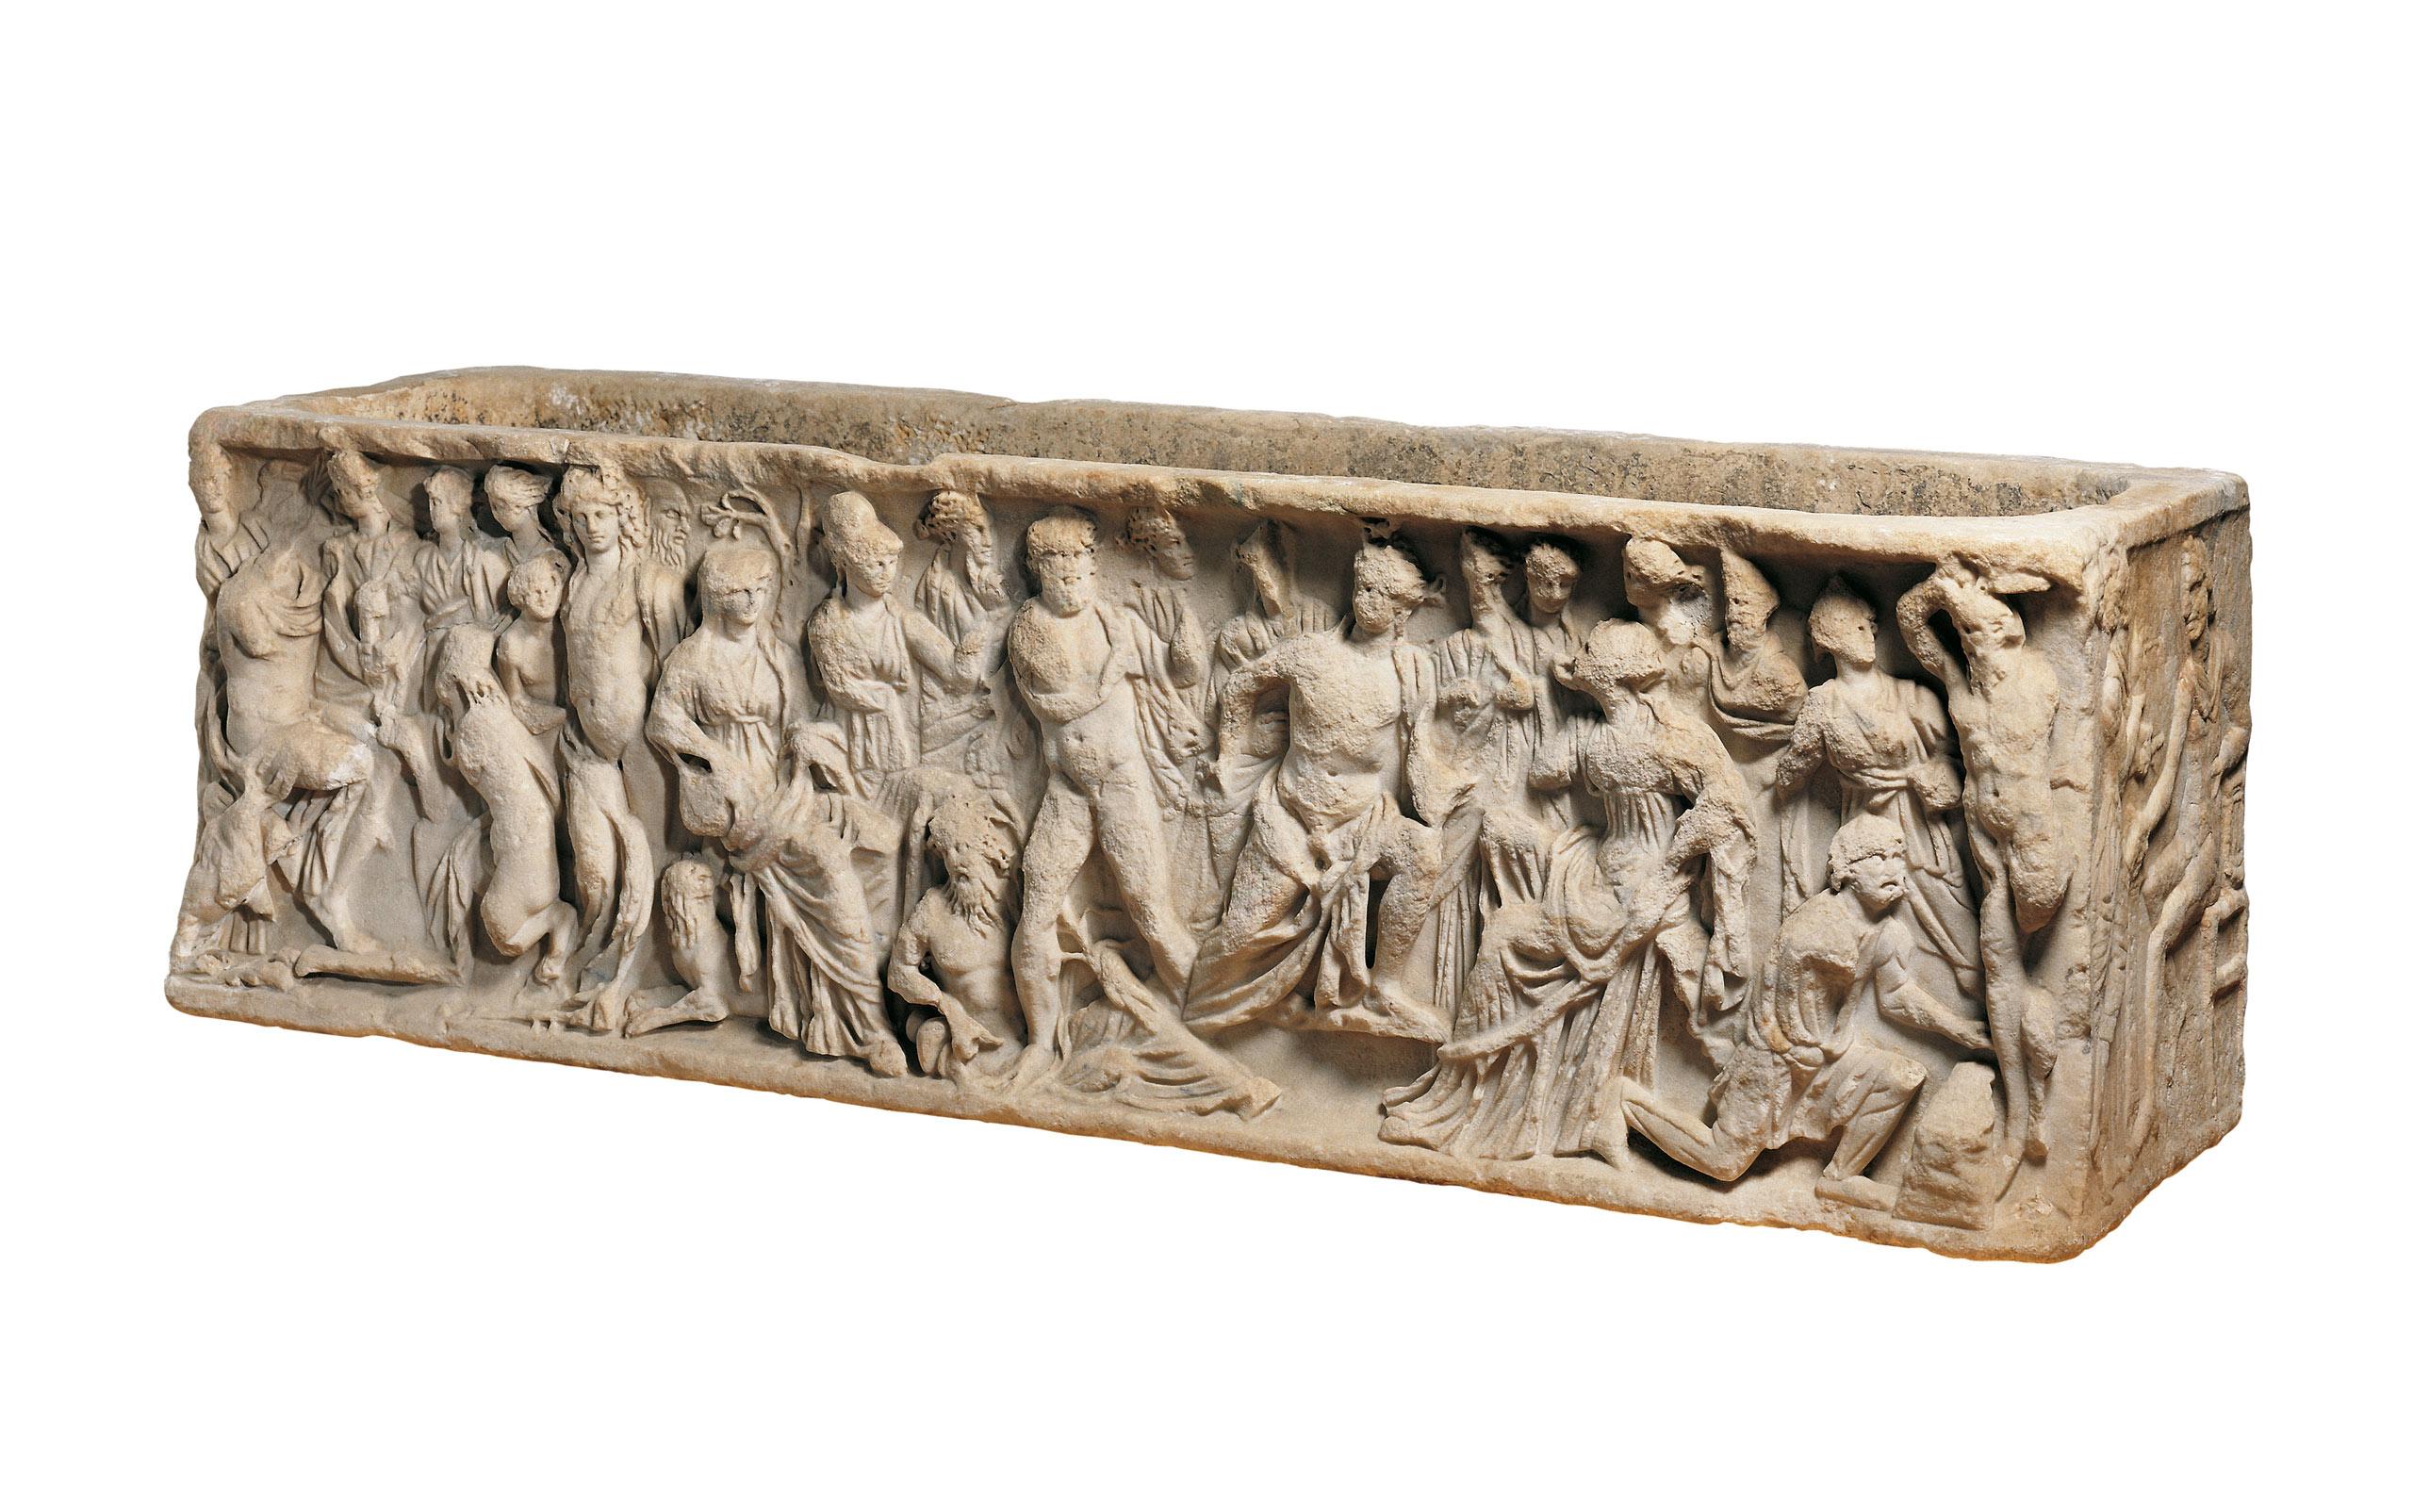 Der Mythos von Athena, Marsyas und Apoll, Römischer Marmorsarkophag, Ende 2. Jh. n. Chr. © Liebieghaus Skulpturensammlung, Frankfurt; Foto: Rühl & Bormann